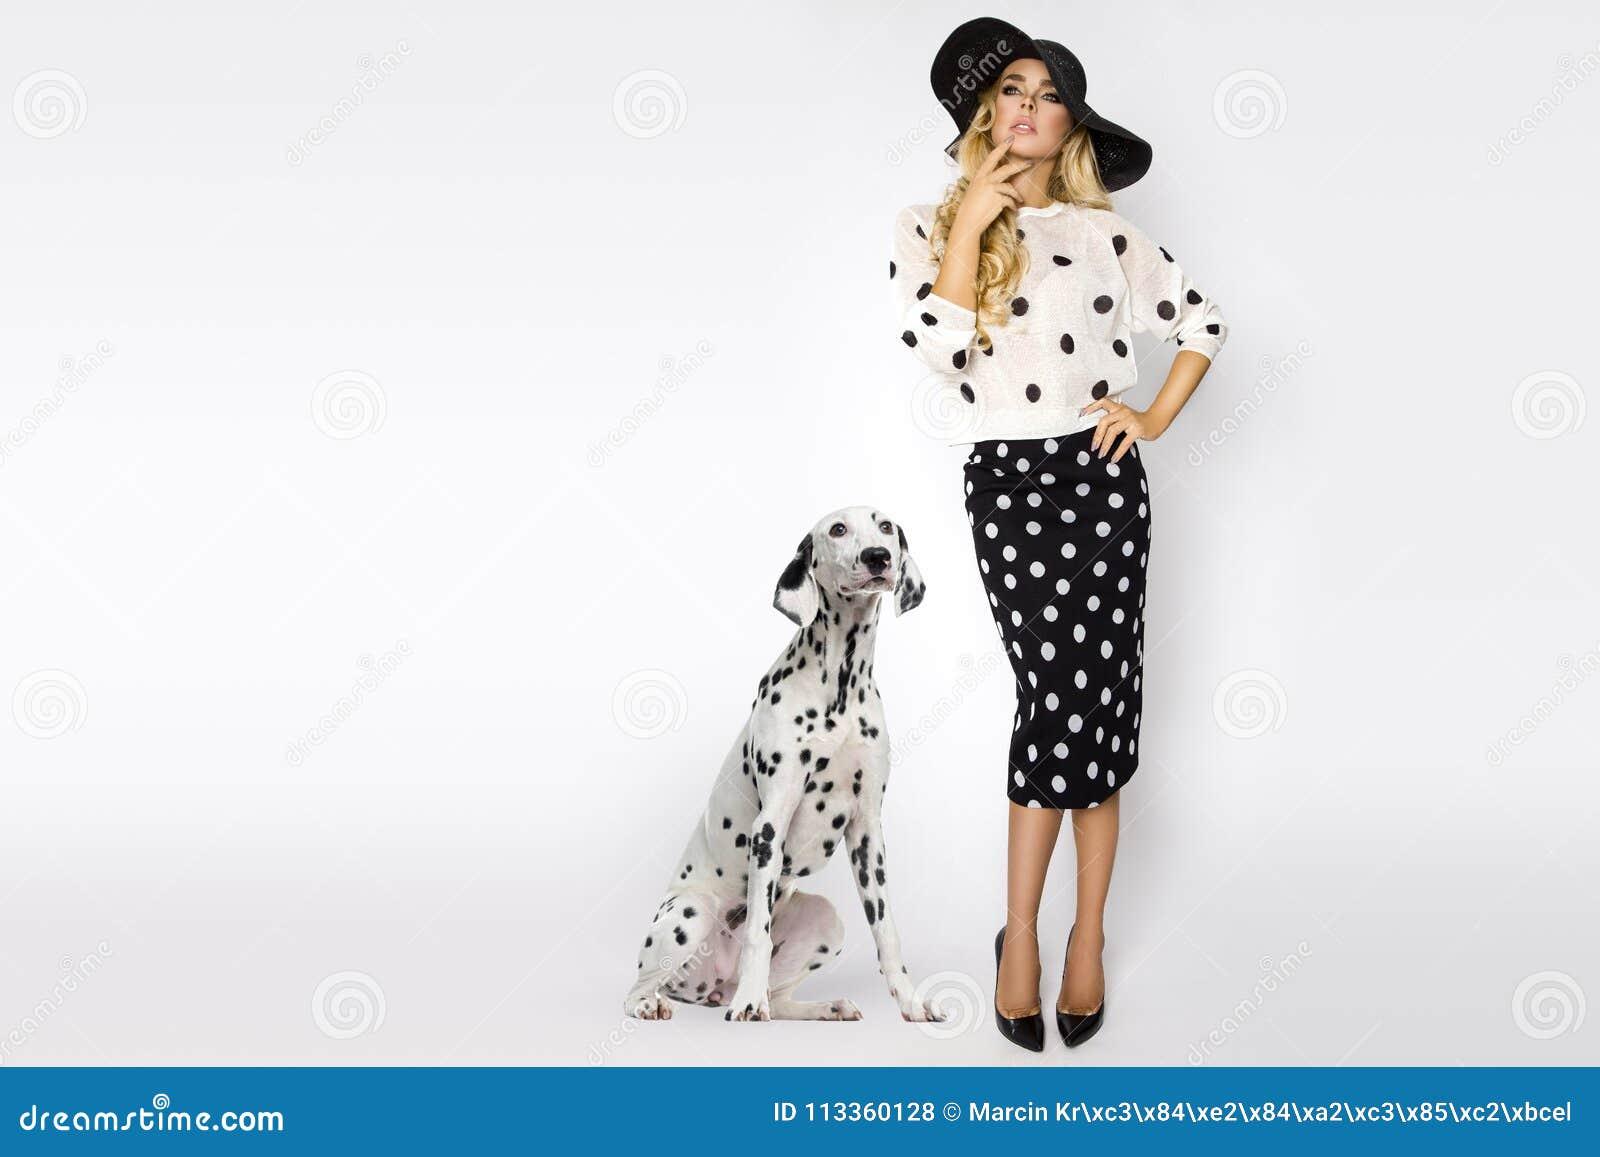 Bella, donna bionda sexy in pois eleganti e un cappello, stante su un fondo bianco accanto ad un cane dalmata